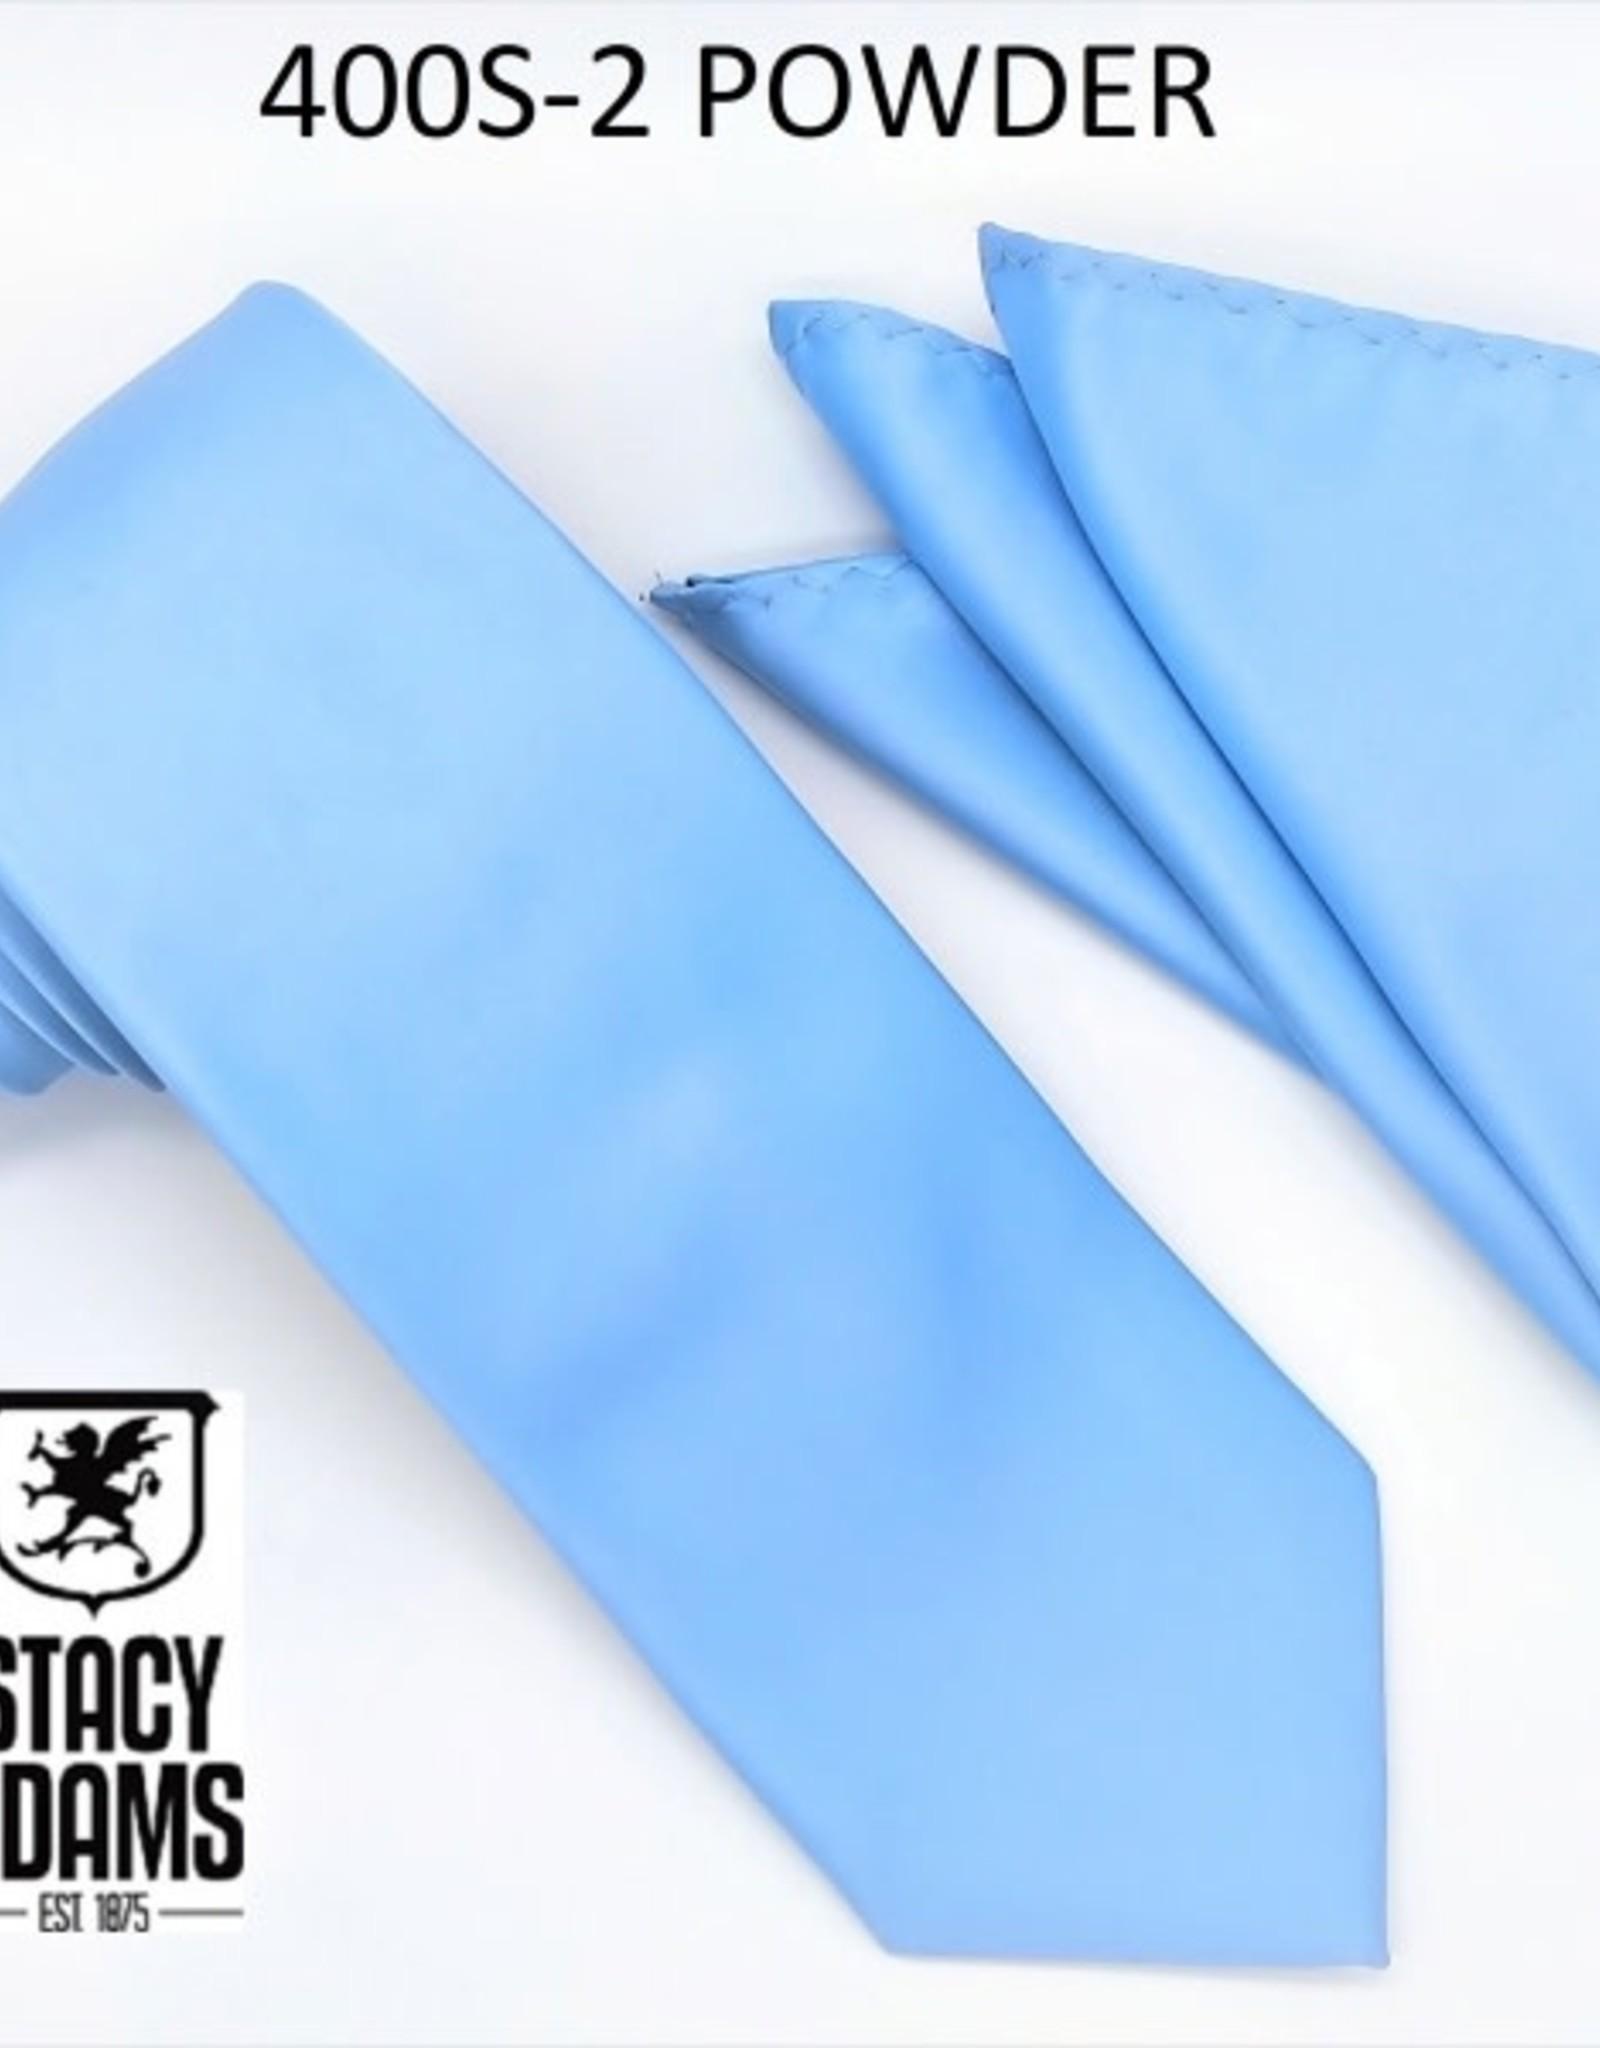 Stacy Adams Tie Stacy Adams Reg 400S-2 Powder